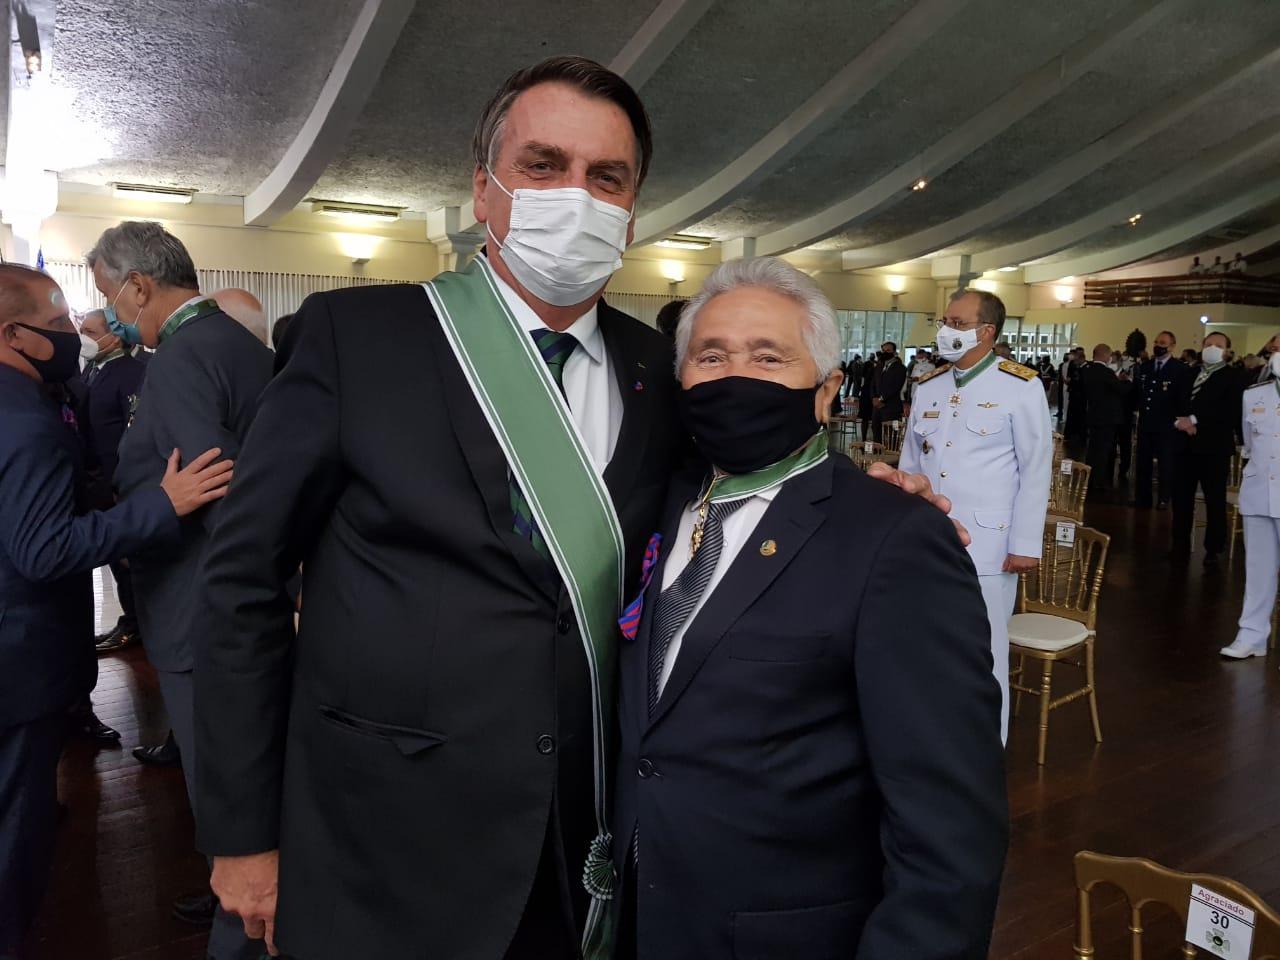 Elmano Férrer é homenageado com ordem do mérito do militar em solenidade com presidente Bolsonaro